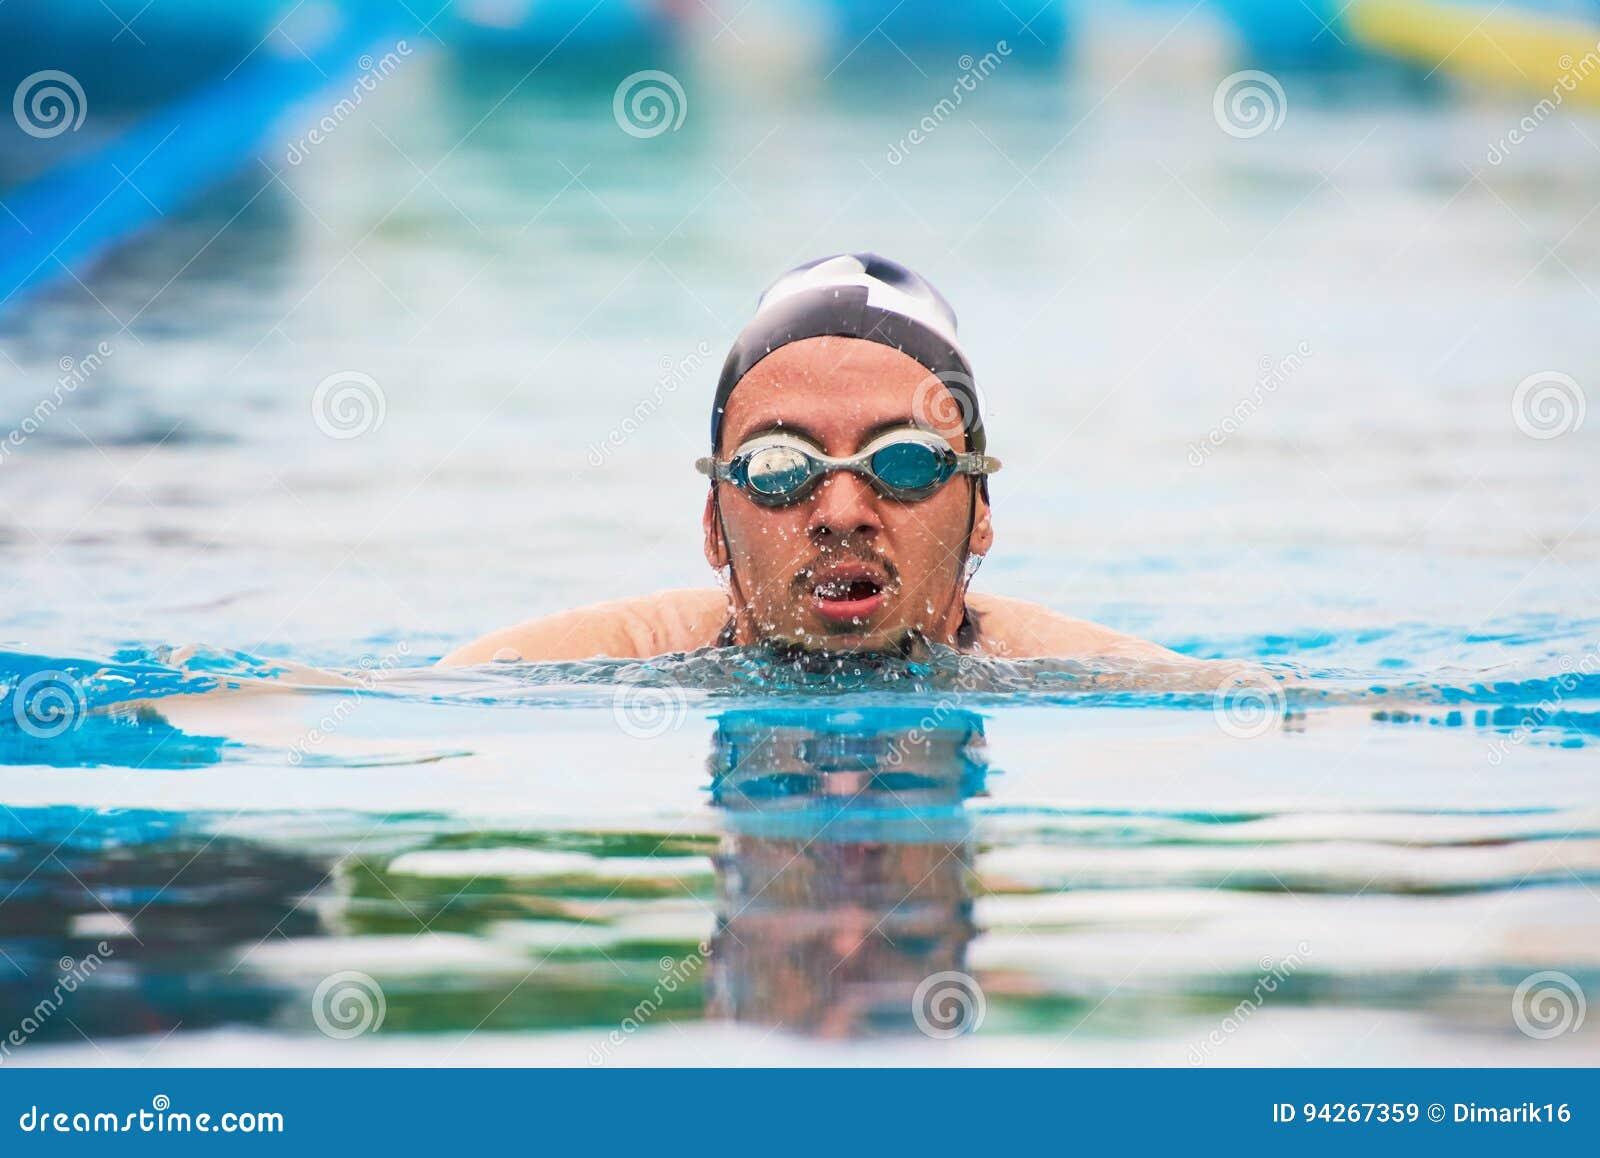 Swimming man in pool